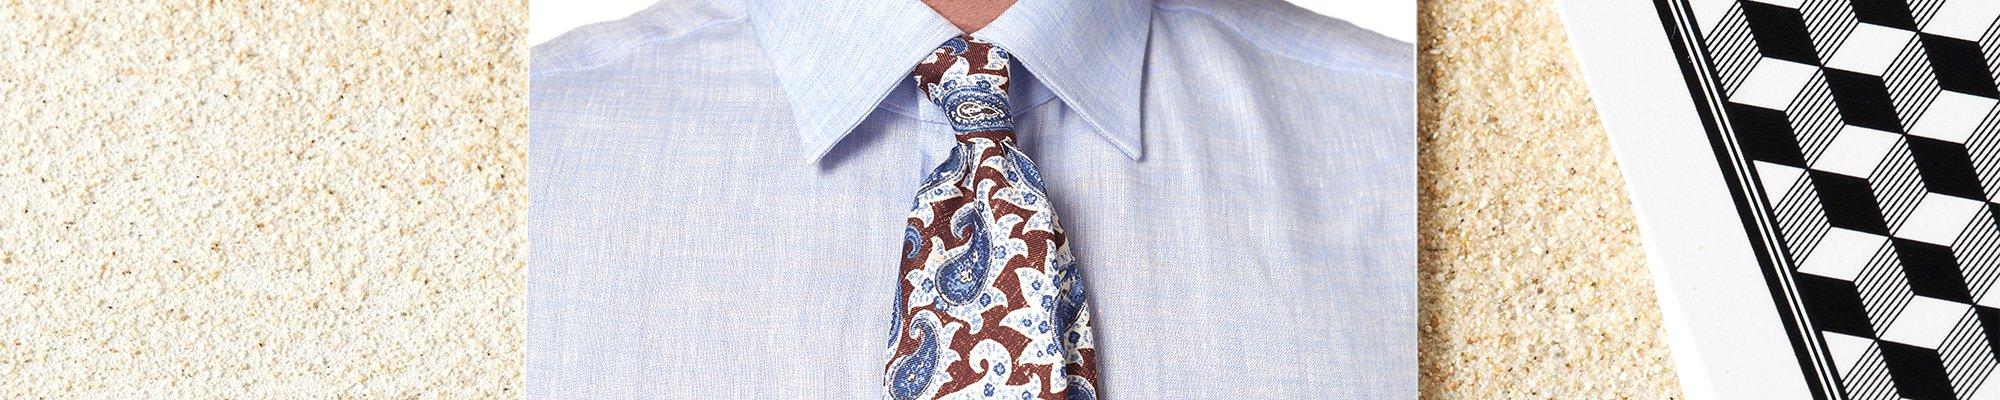 Men's Handmade Ties